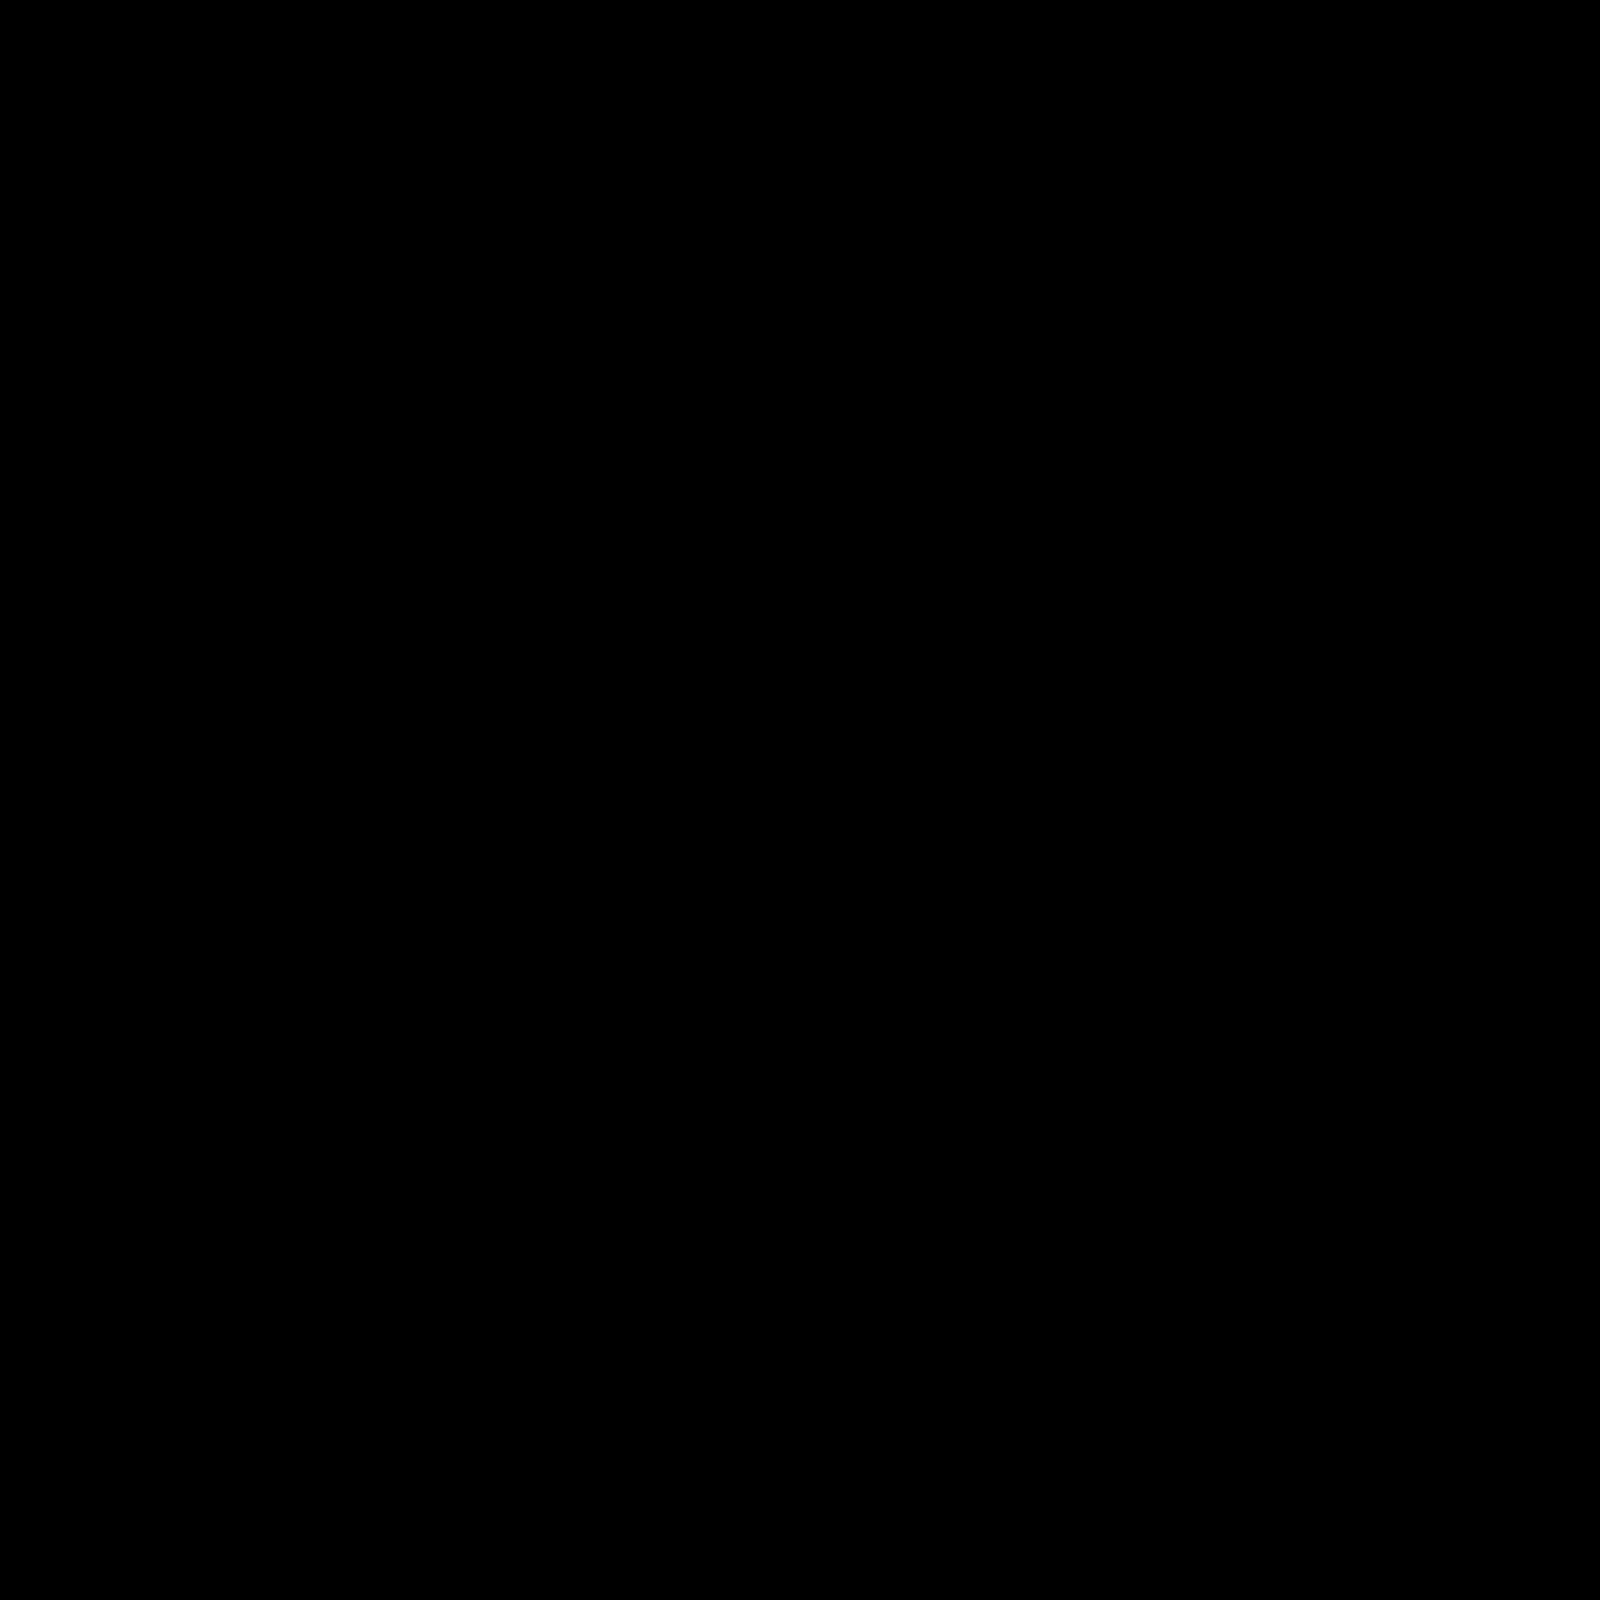 ios tab bar icon template qgOKX